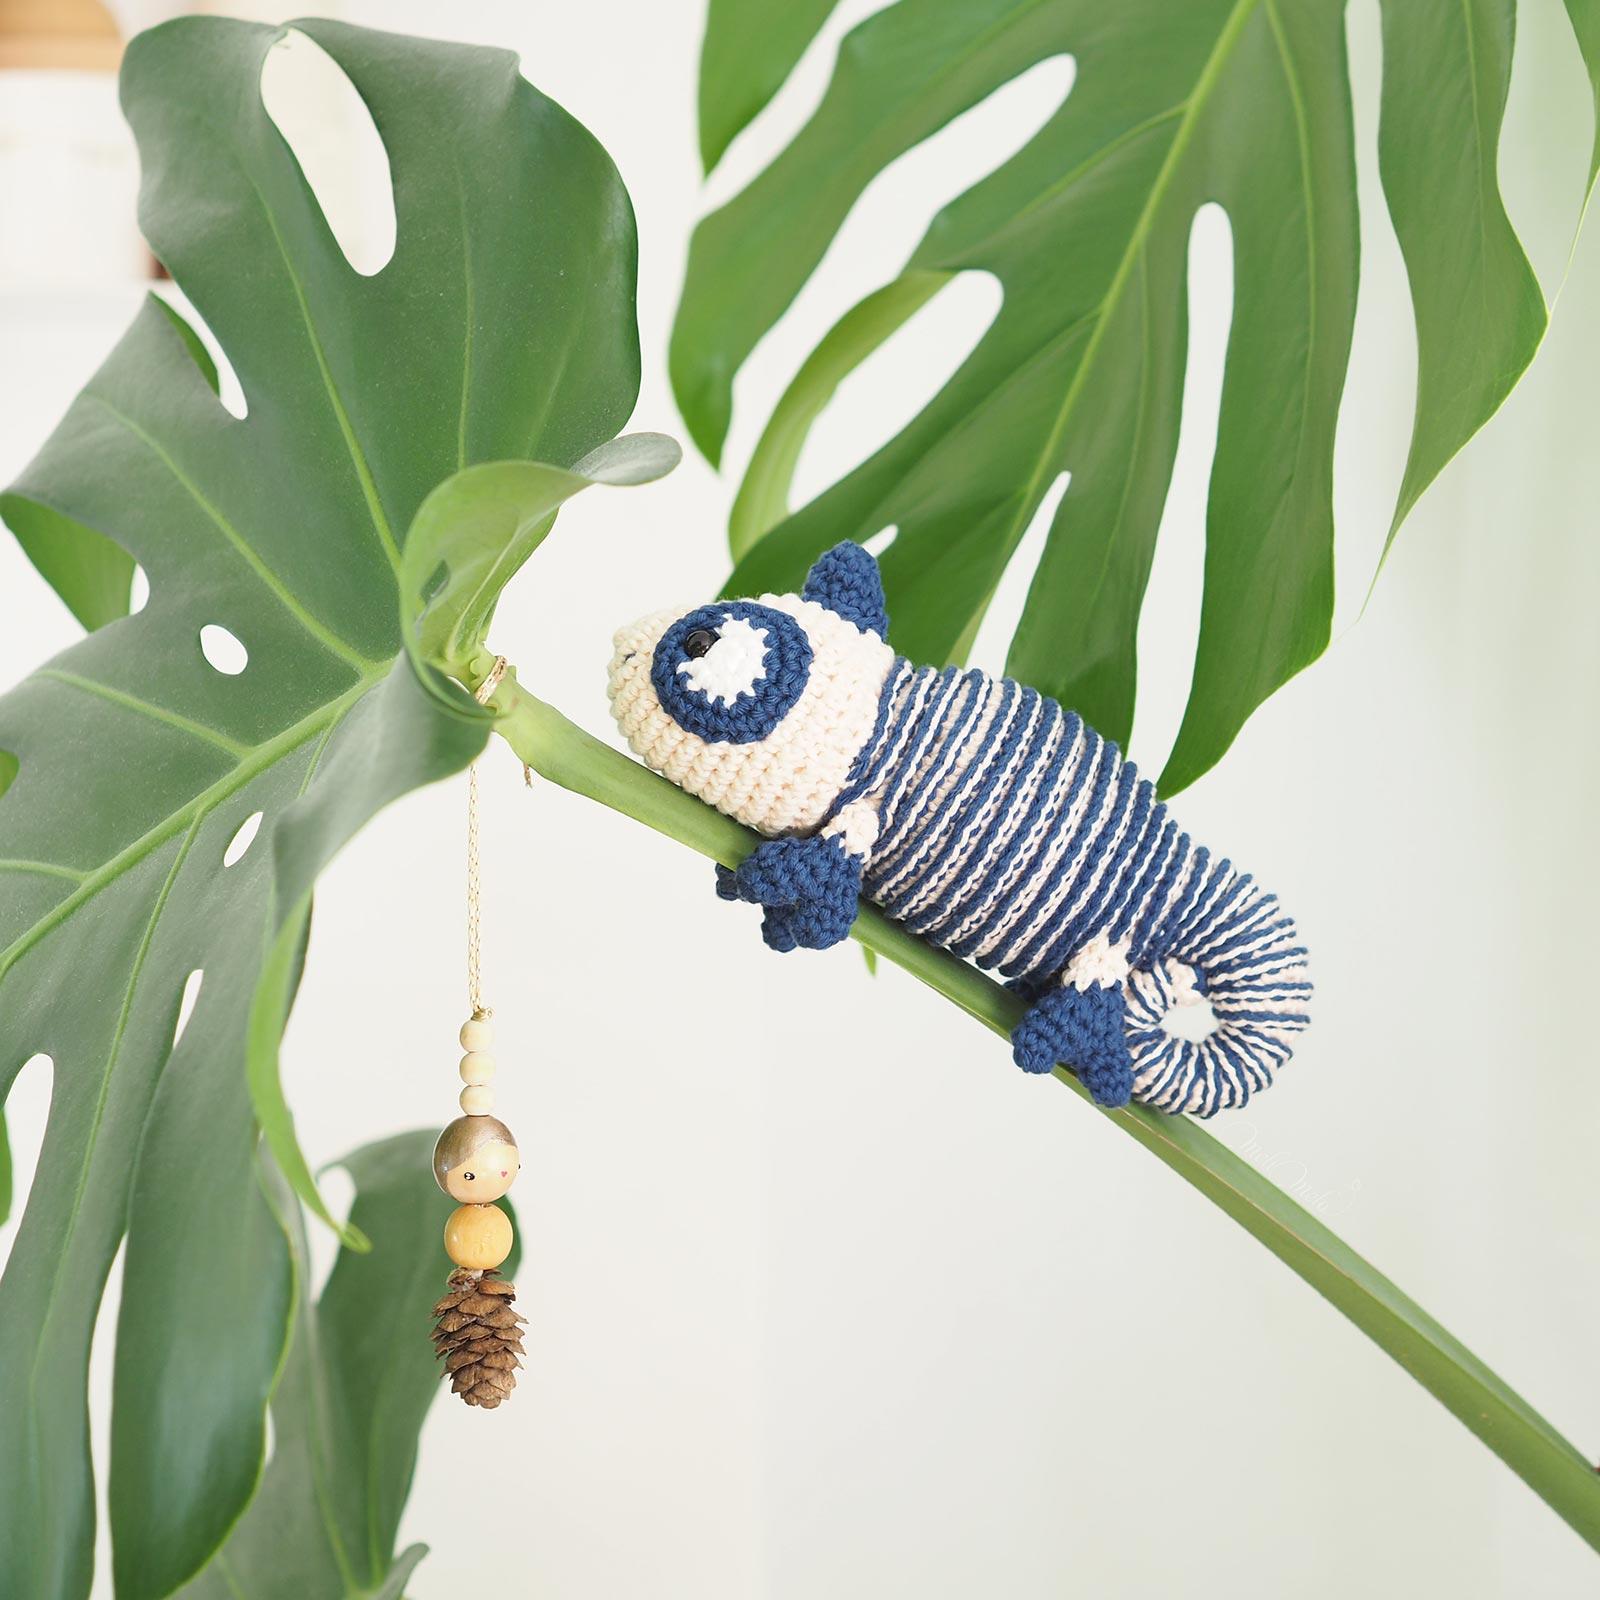 lespoisplumes doudou caméléon marinière crochet monstera deliciosa laboutiquedemelimelo